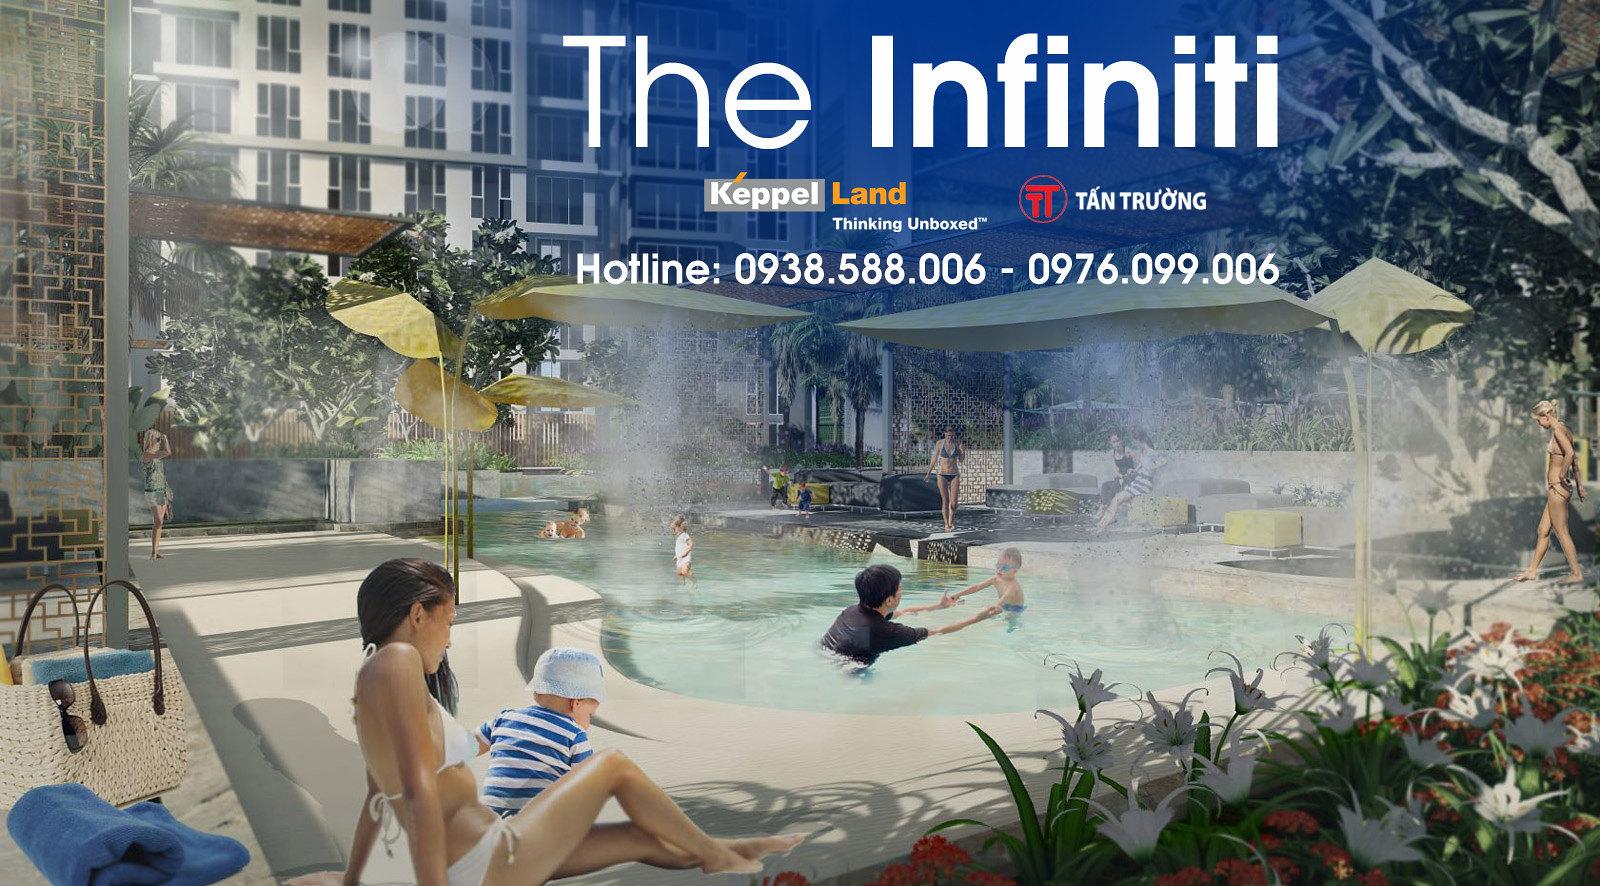 Tiện ích dự án The Infiniti quận 7 sẽ giải quyết nhiều vấn đề lo toan của gia đình bạn.